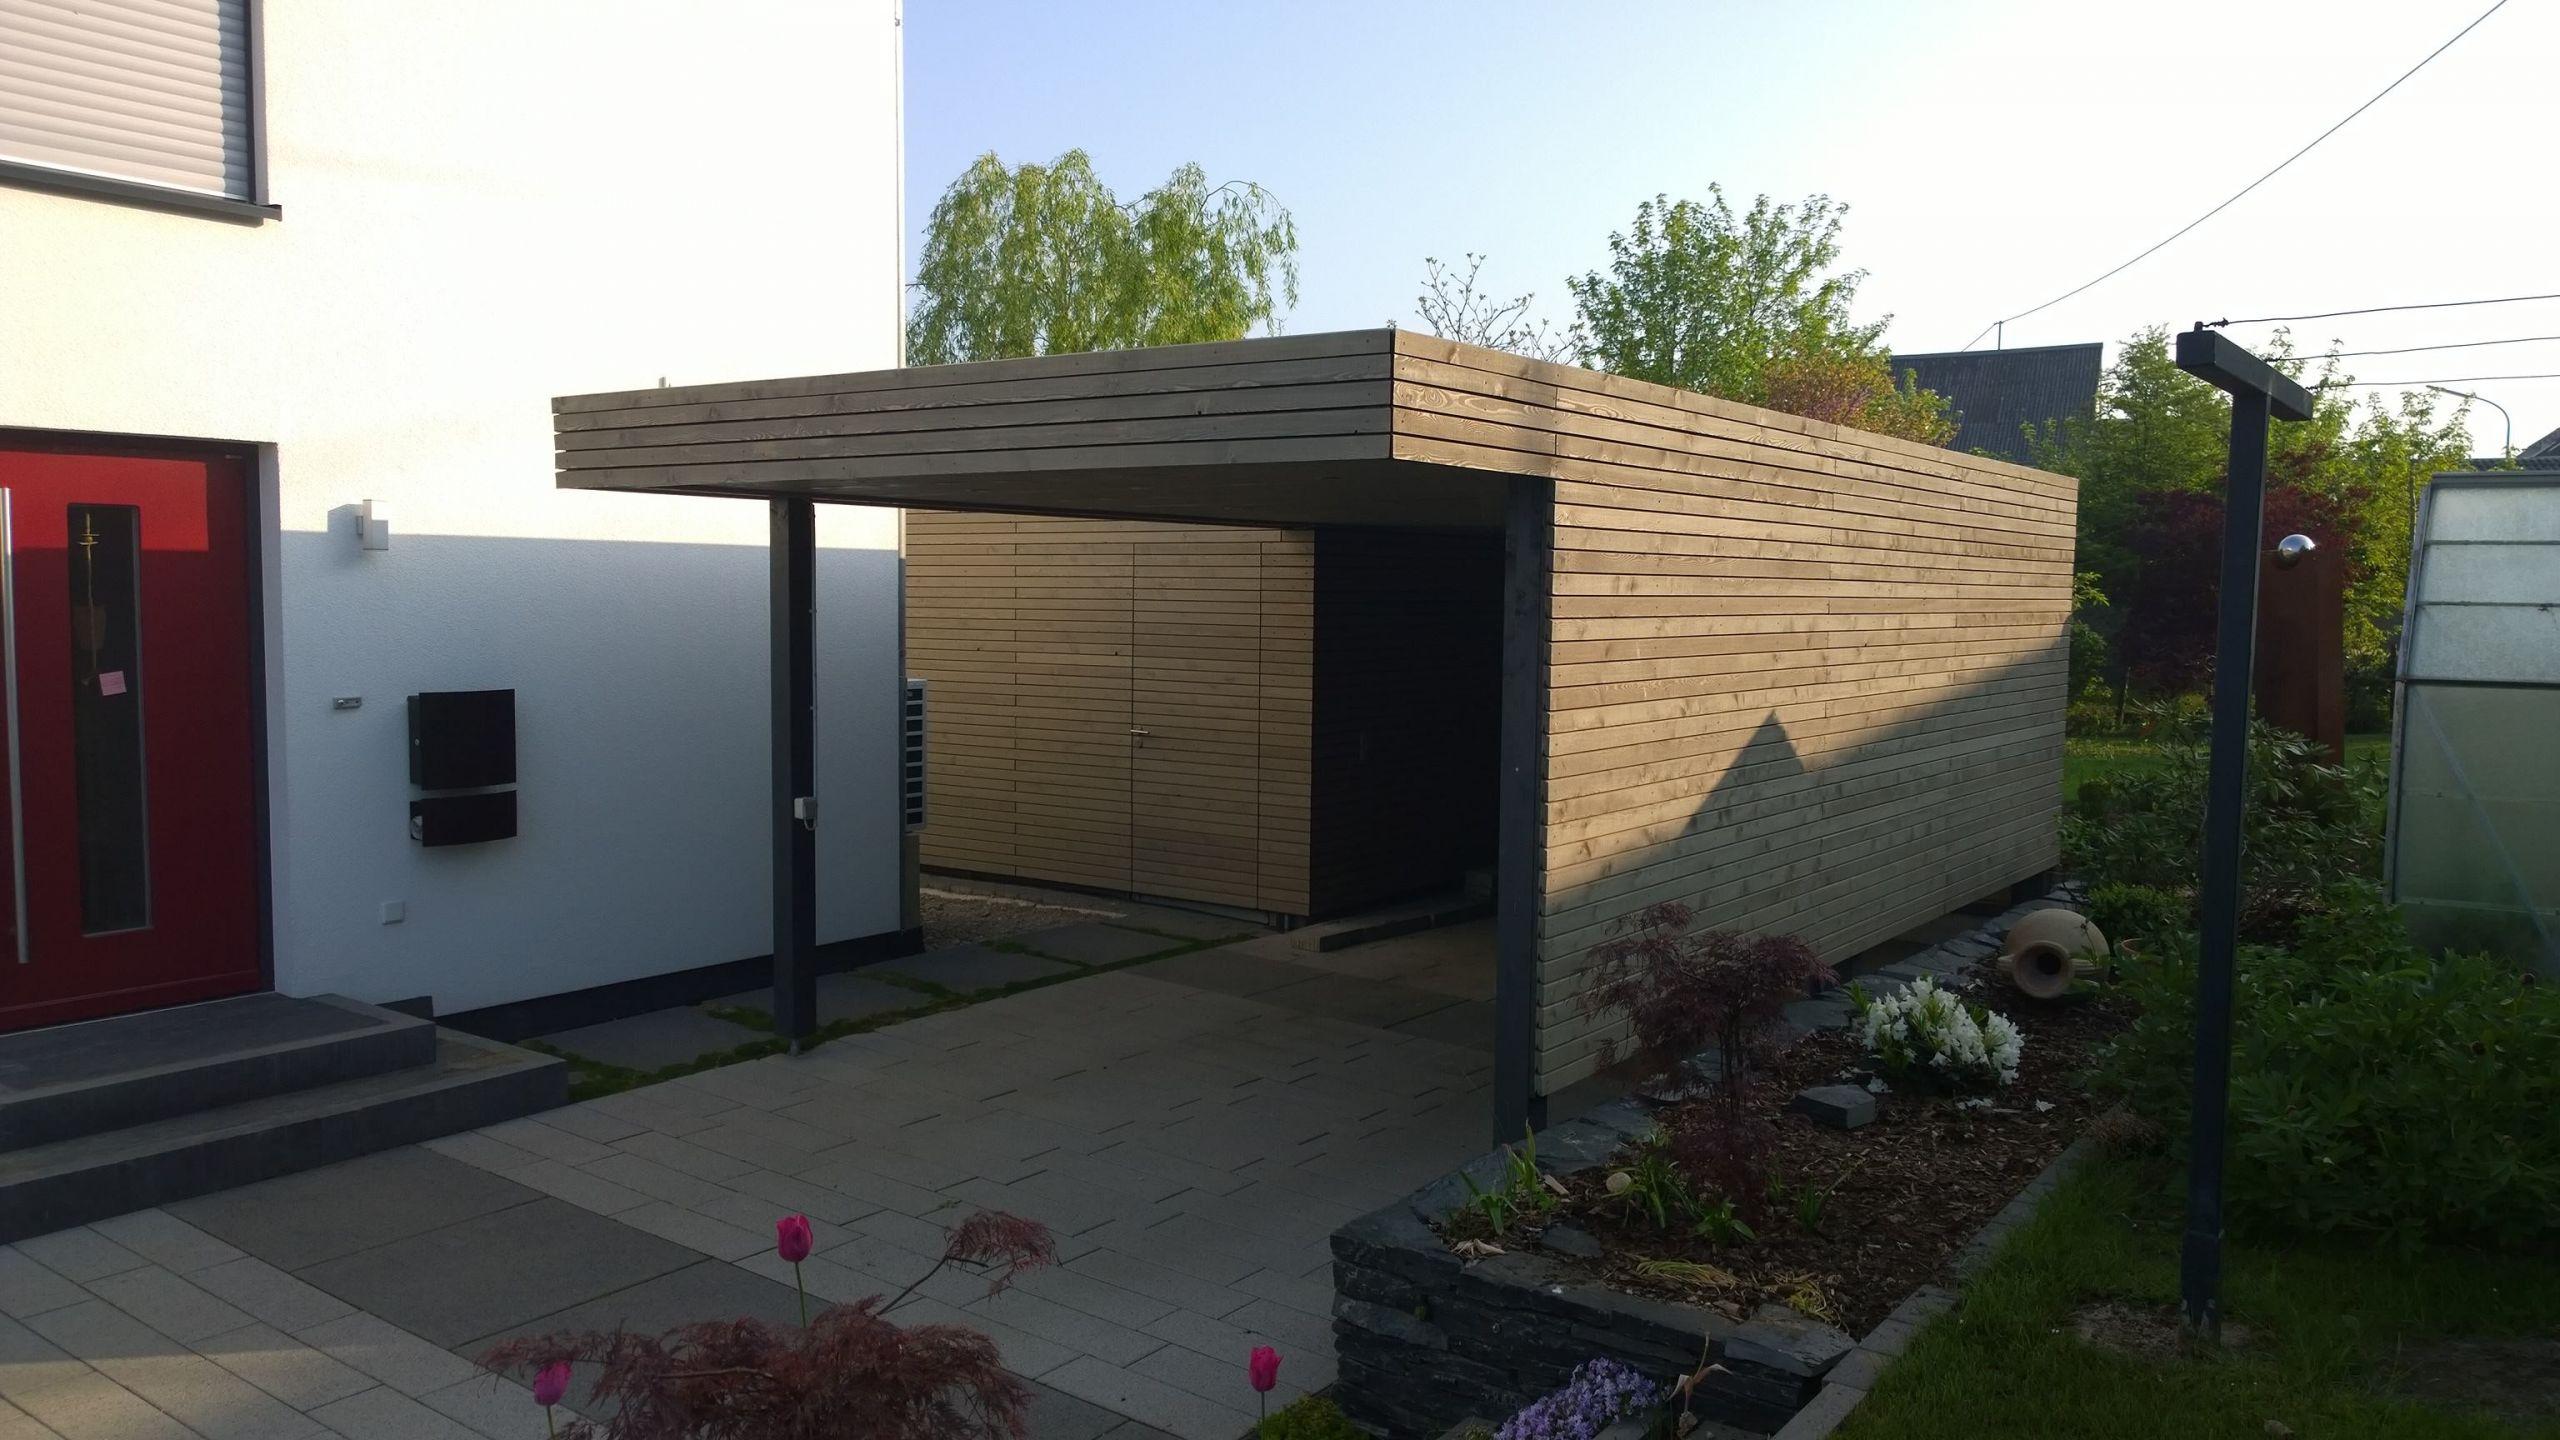 terrasse mit sichtschutz teil 1 moderner sichtschutz im garten sichtschutz larchenholz of sichtschutz larchenholz scaled